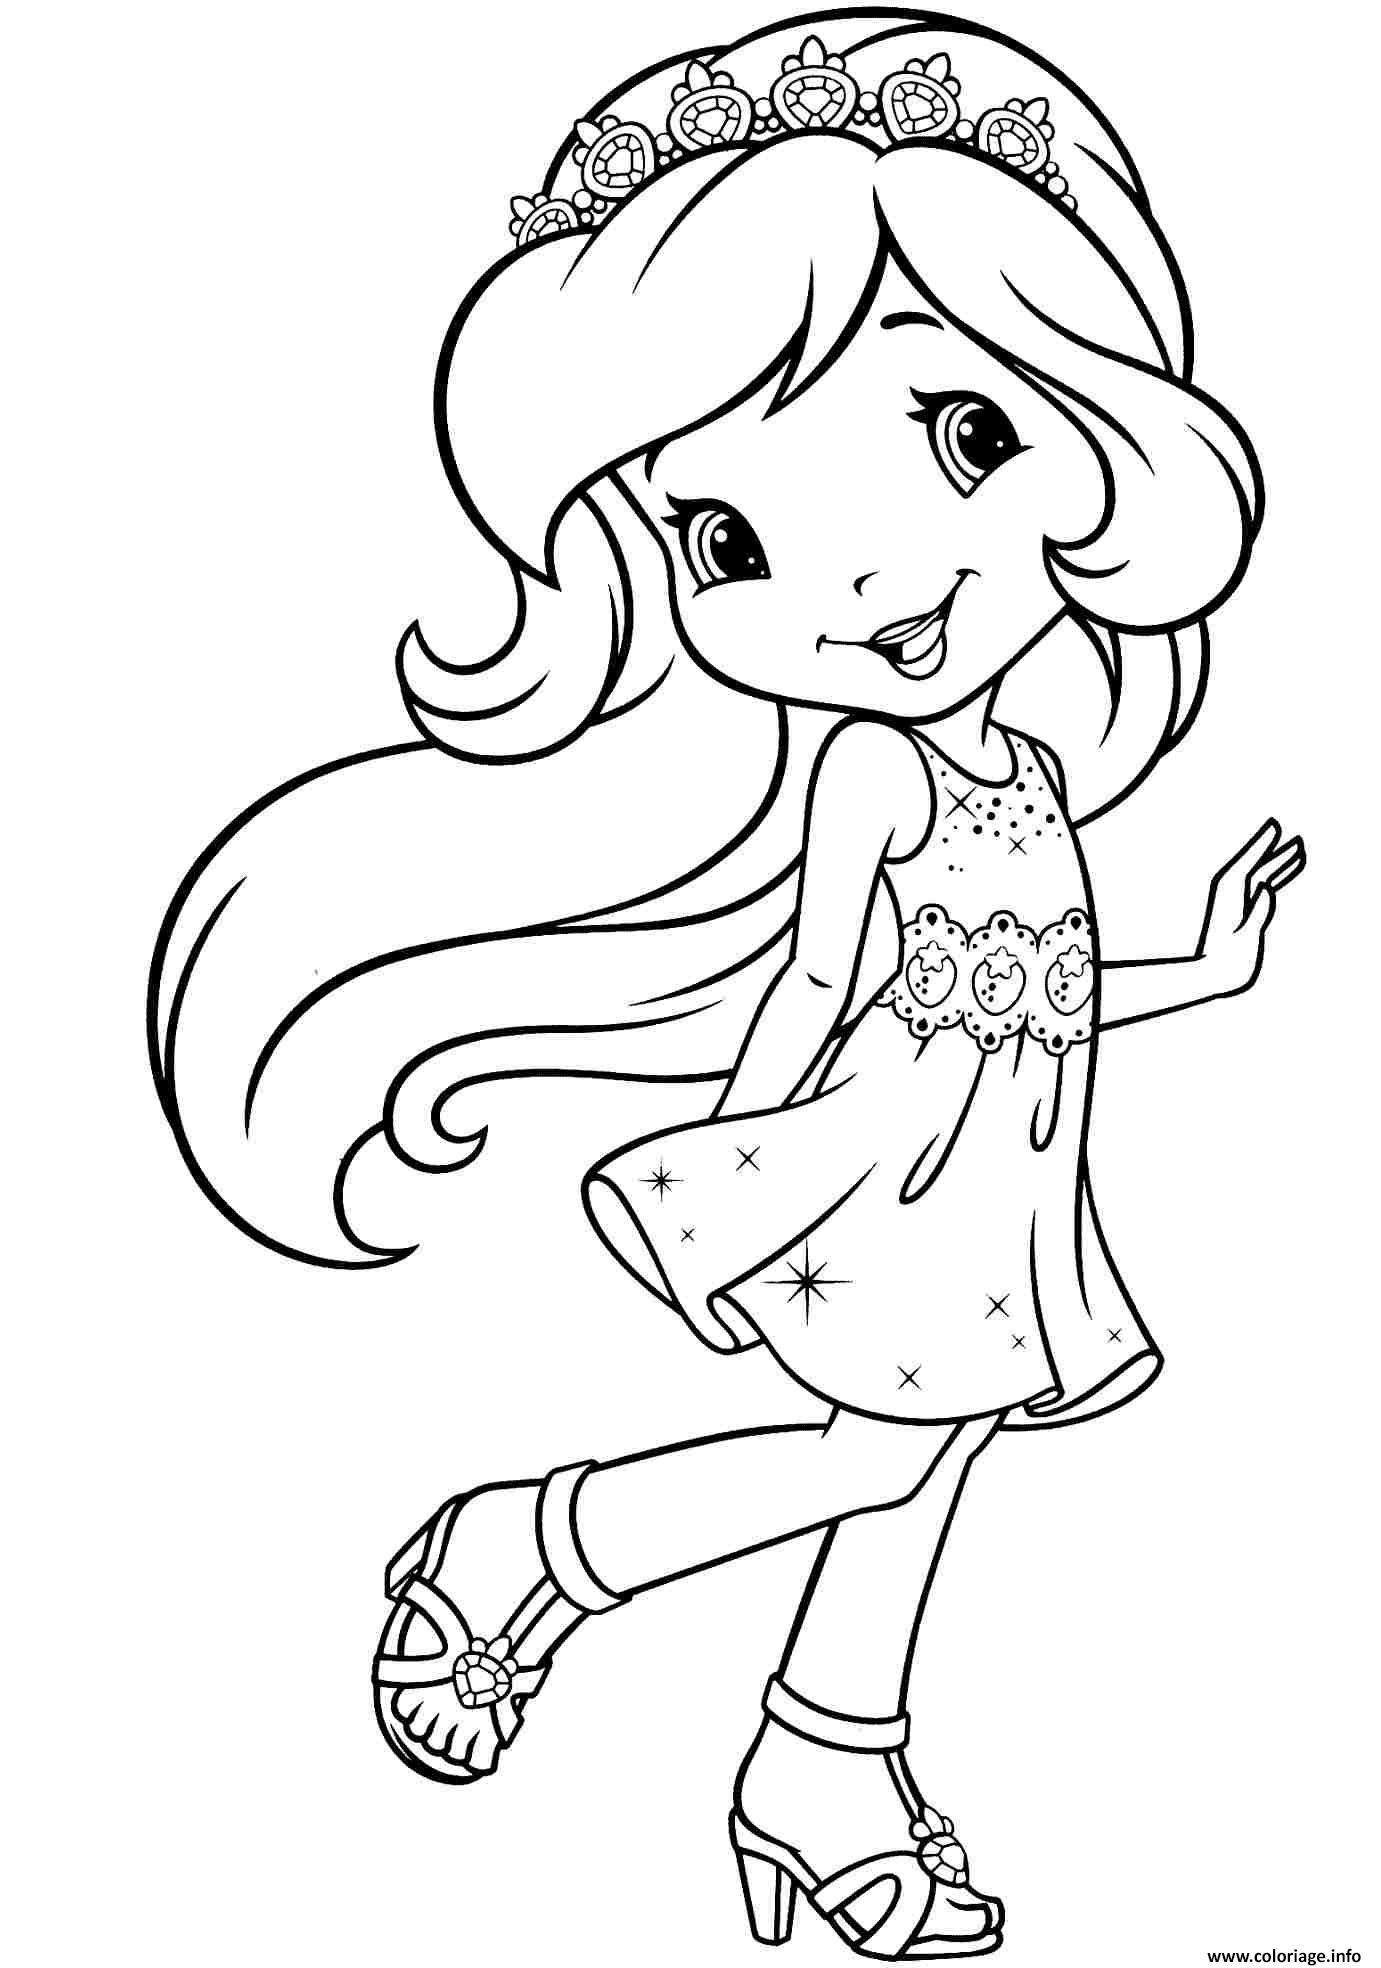 Dessin princesse fraisinette Coloriage Gratuit à Imprimer